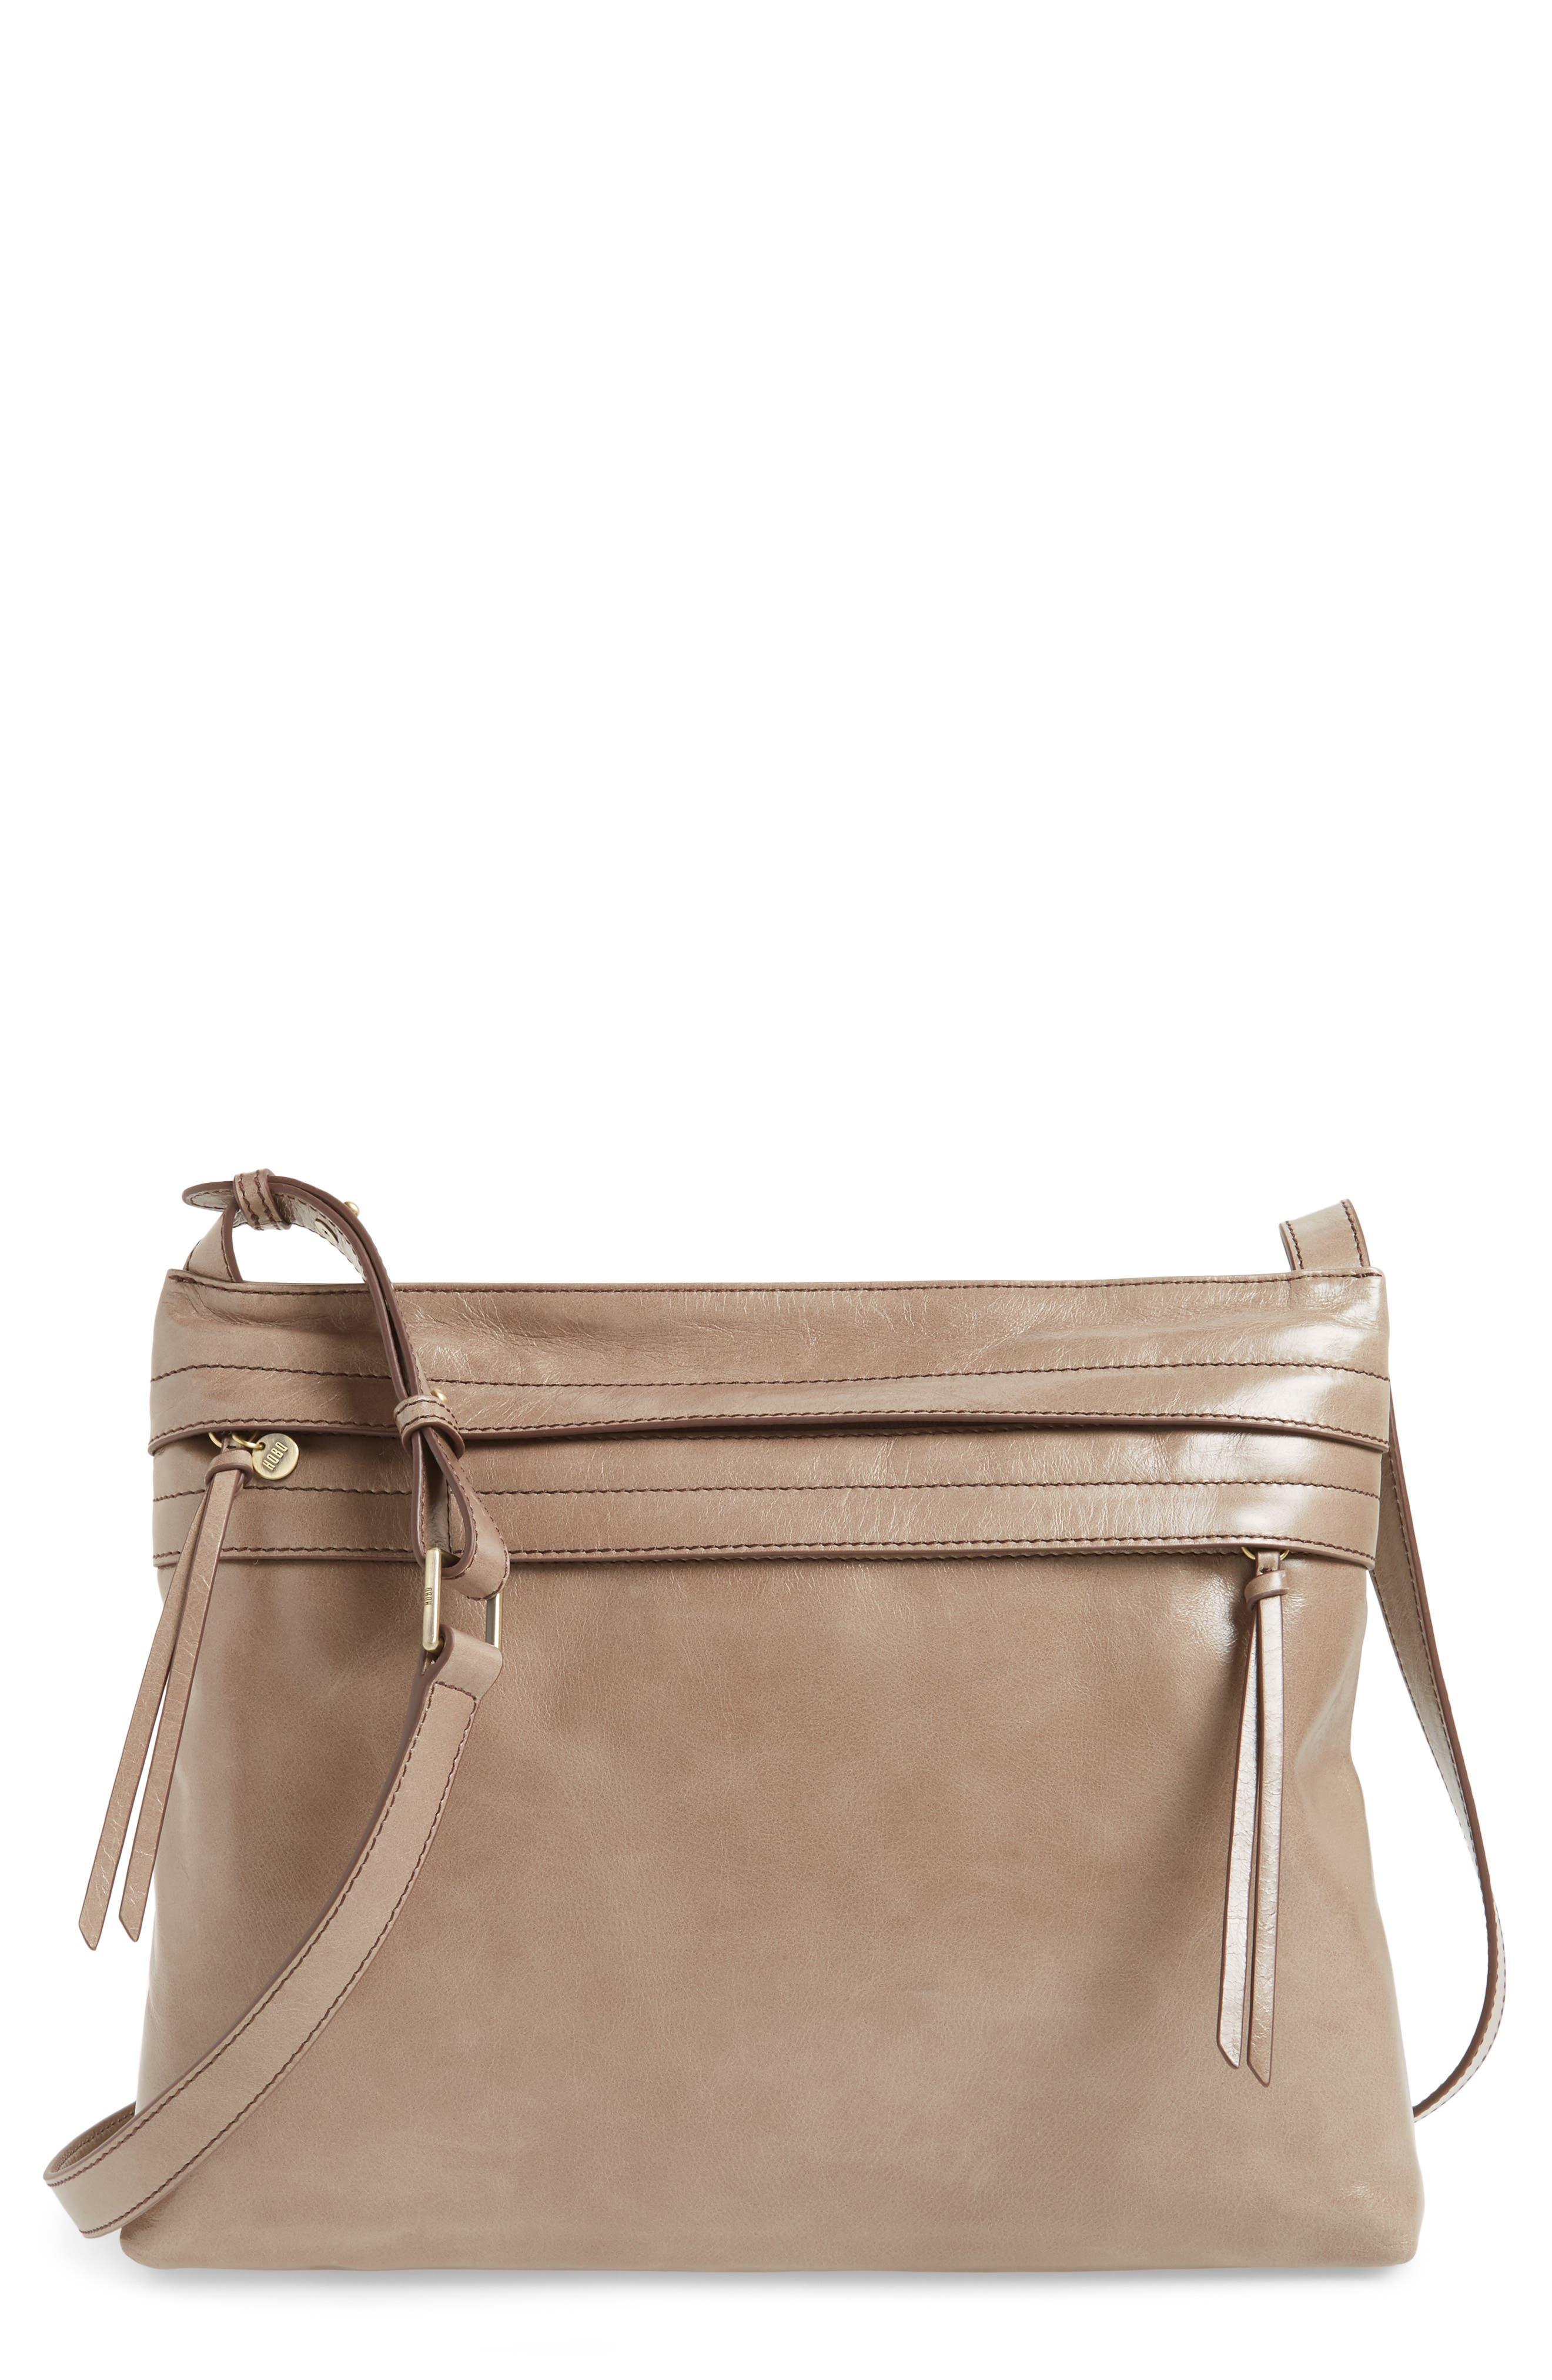 Hobo Larkin Leather Messenger Bag